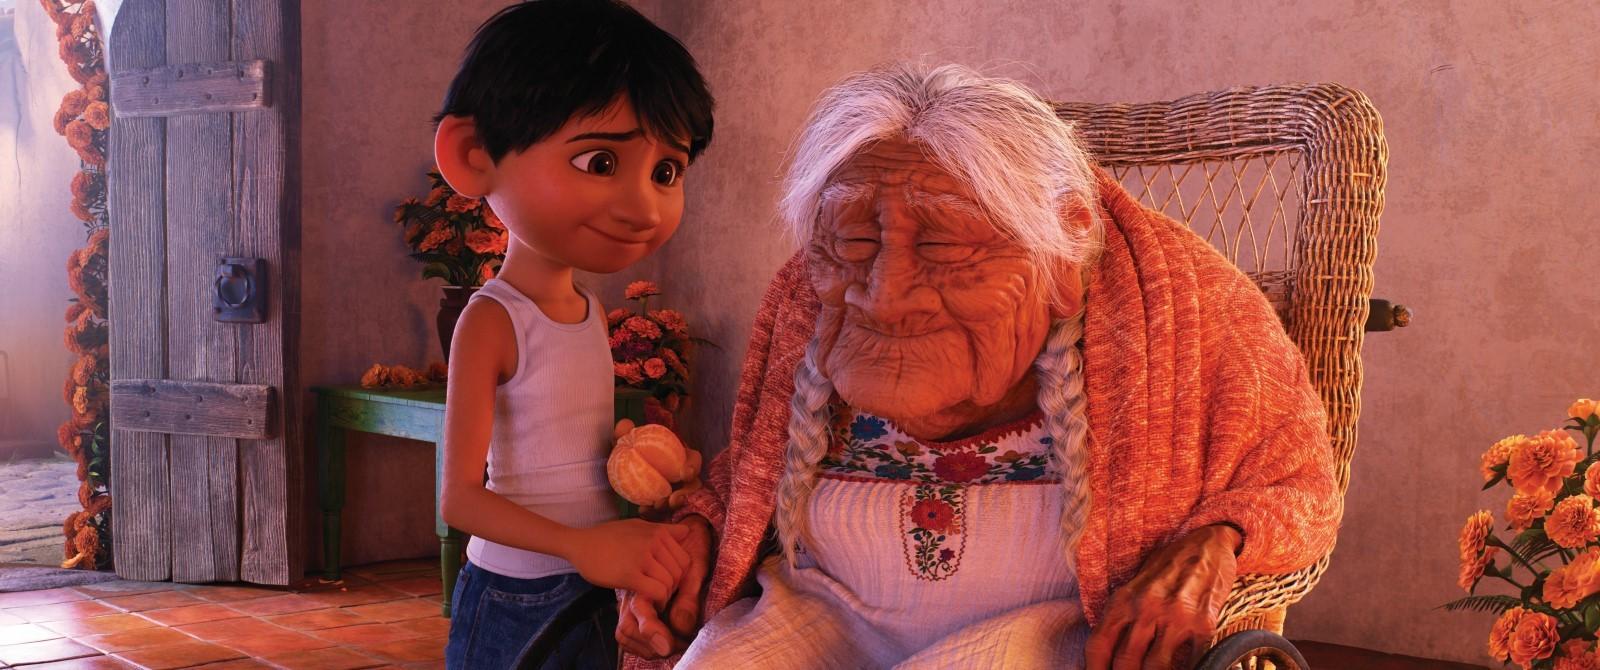 Coco Filmini Düşük Boyut İndir Ekran Görüntüsü 2